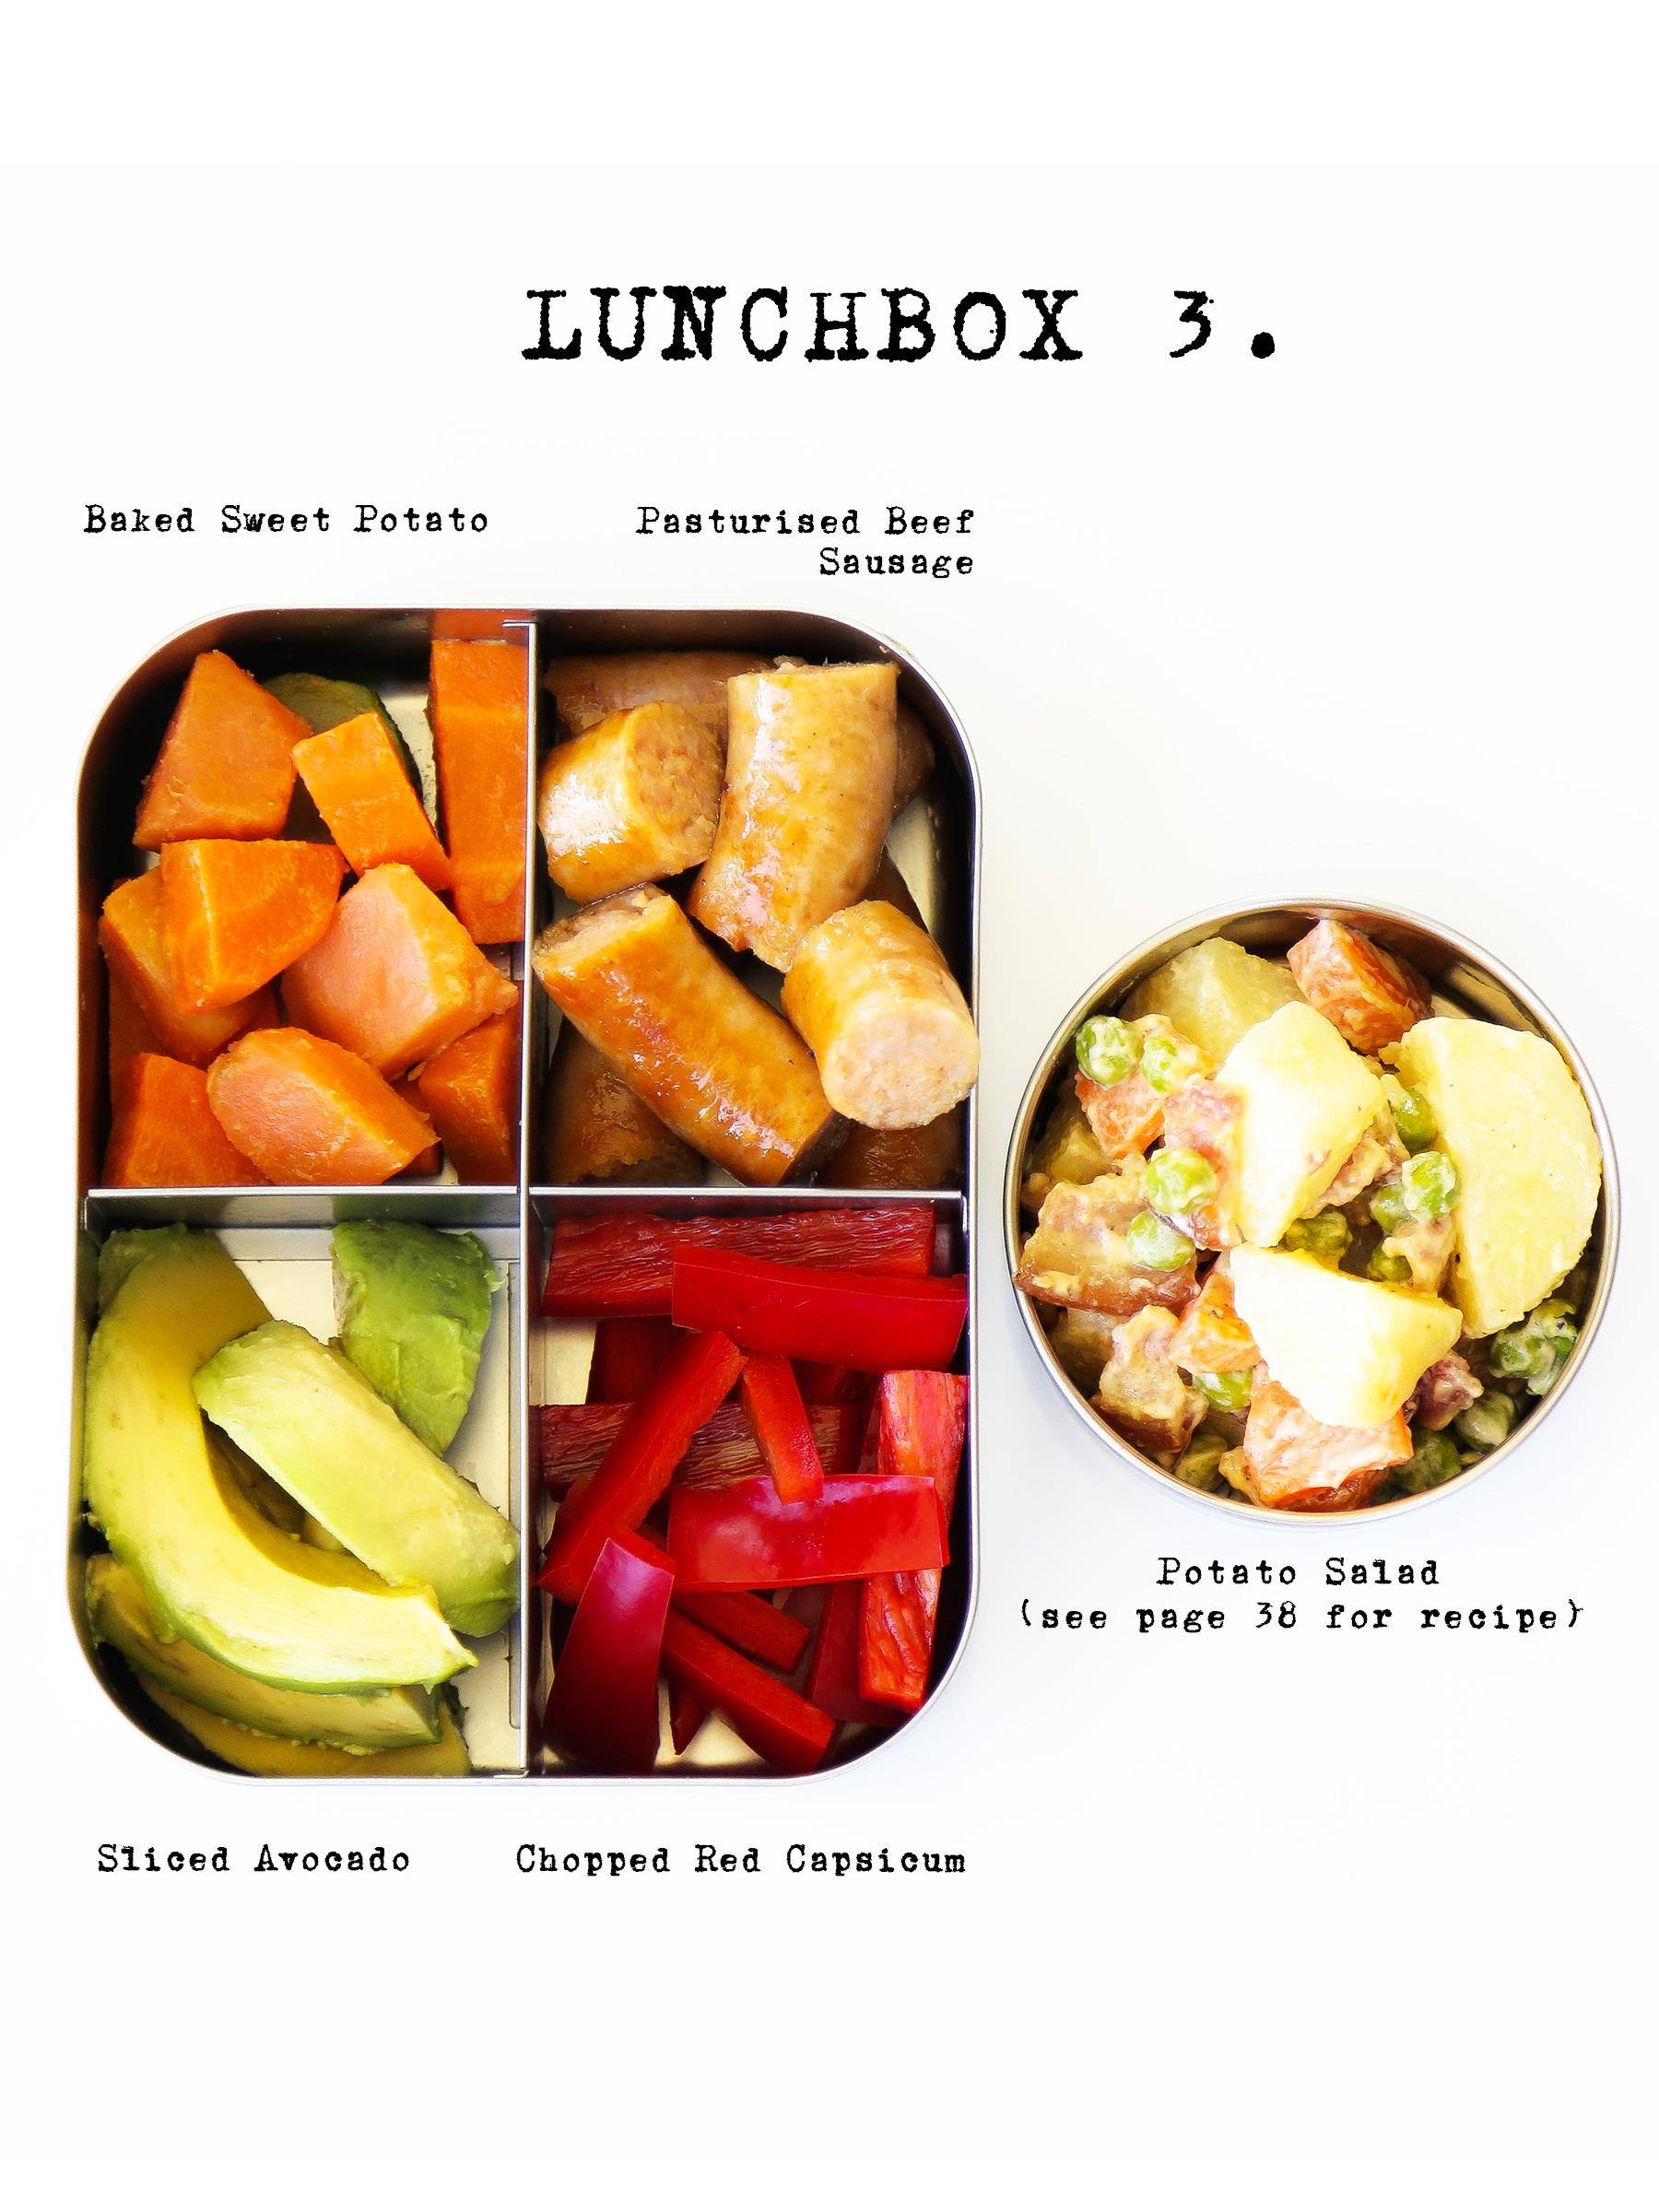 lunchbox3b